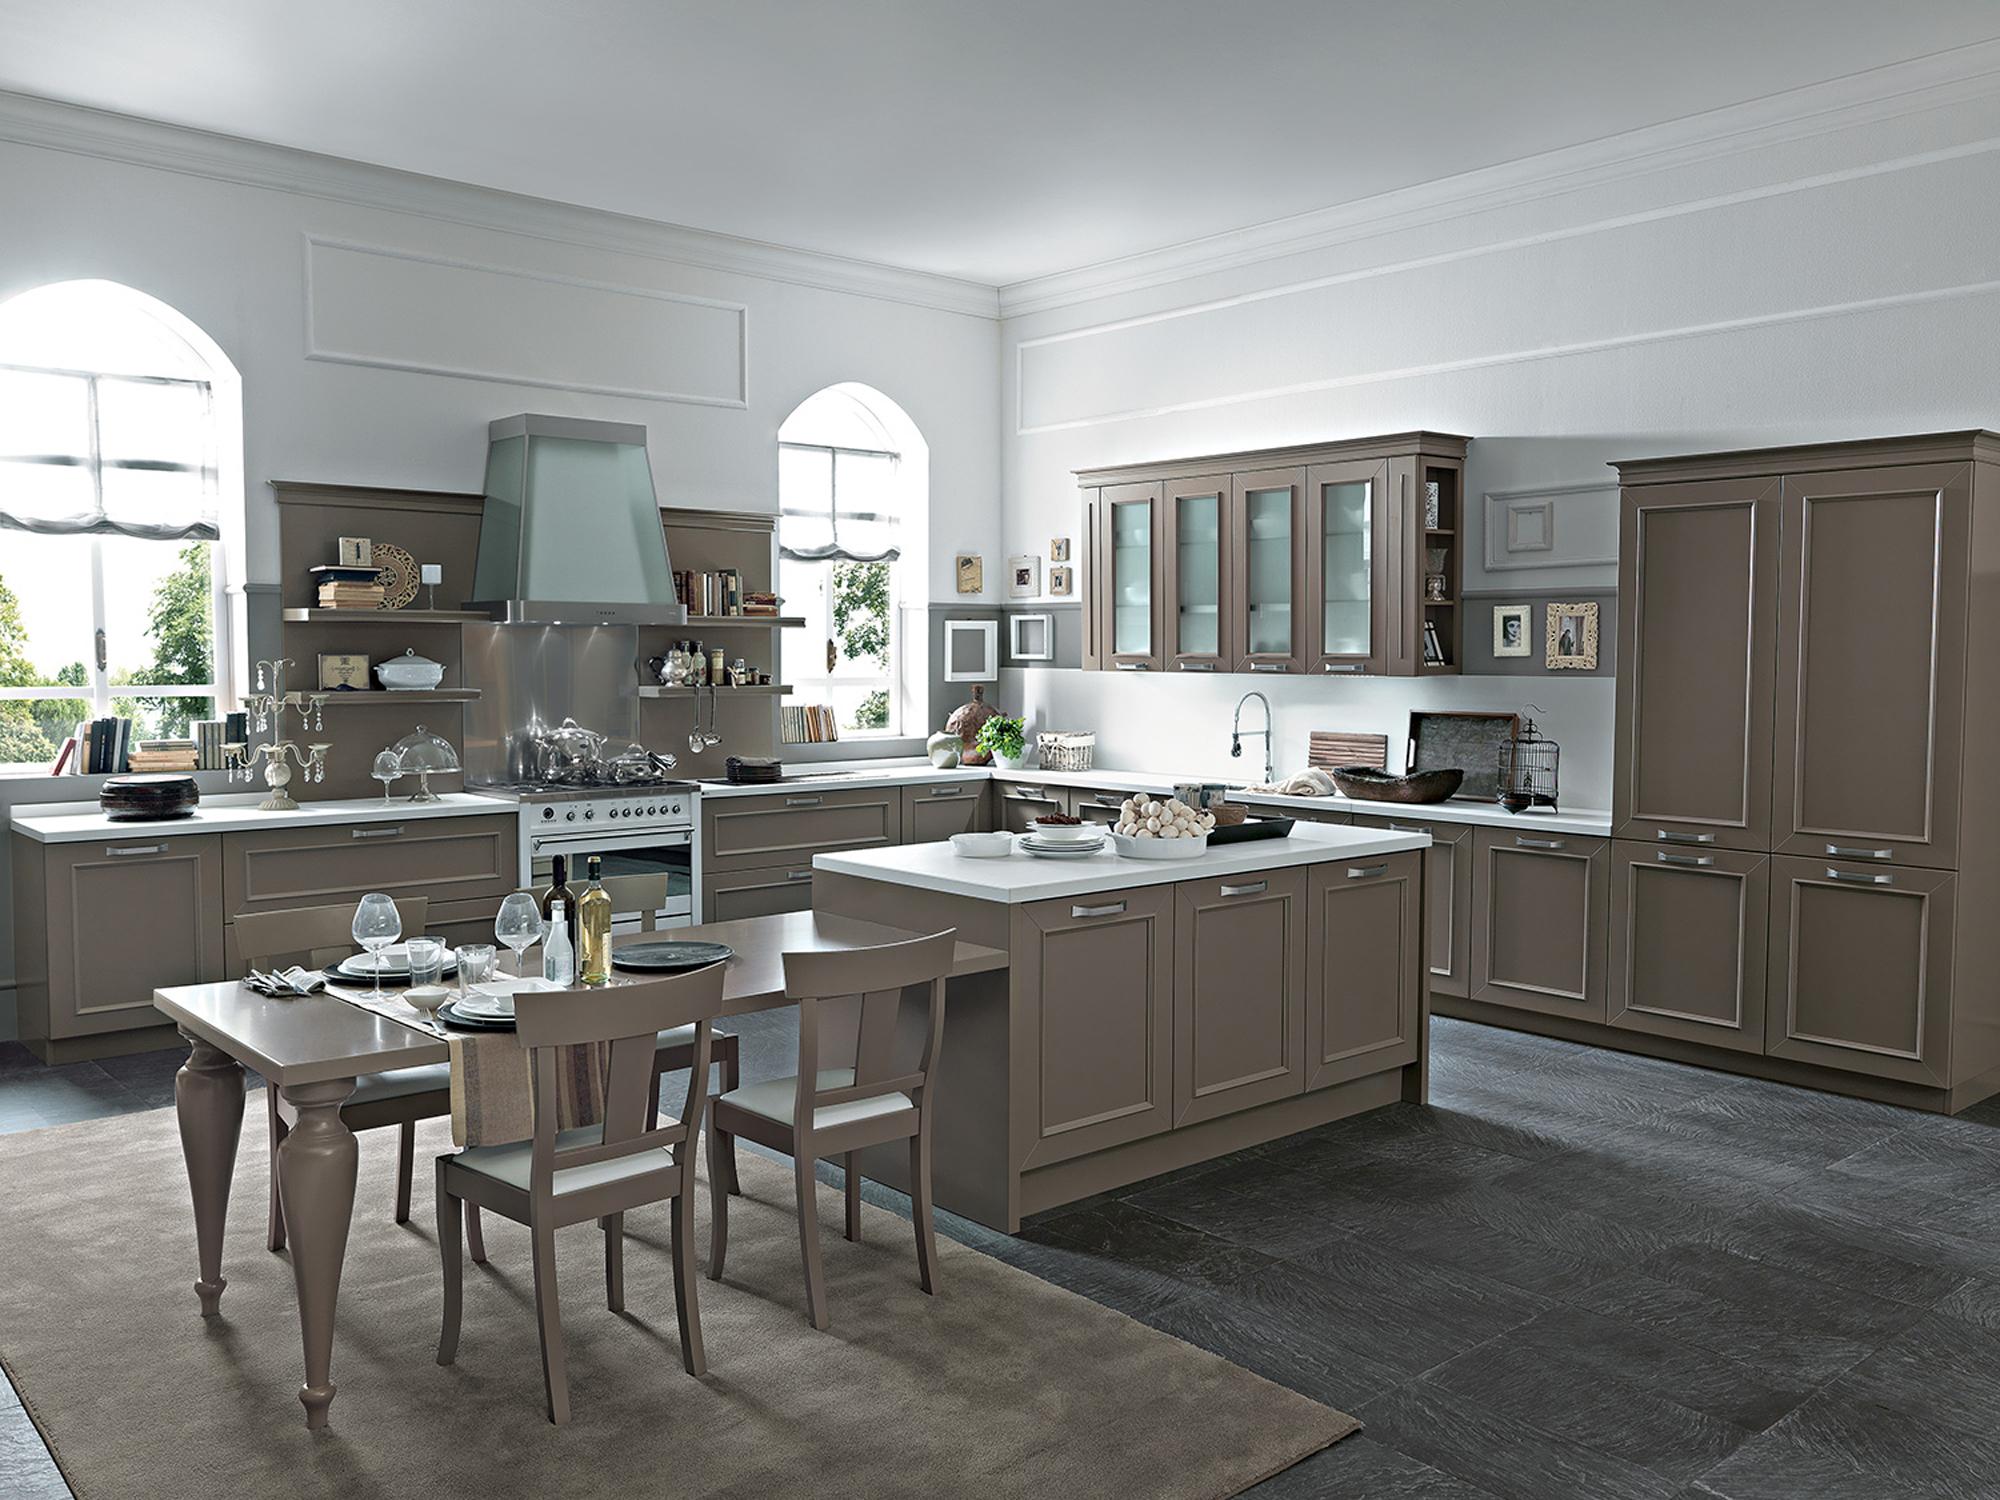 Romantica cucina cappuccino febal lecce febal casa lecce - Cucine classiche febal ...